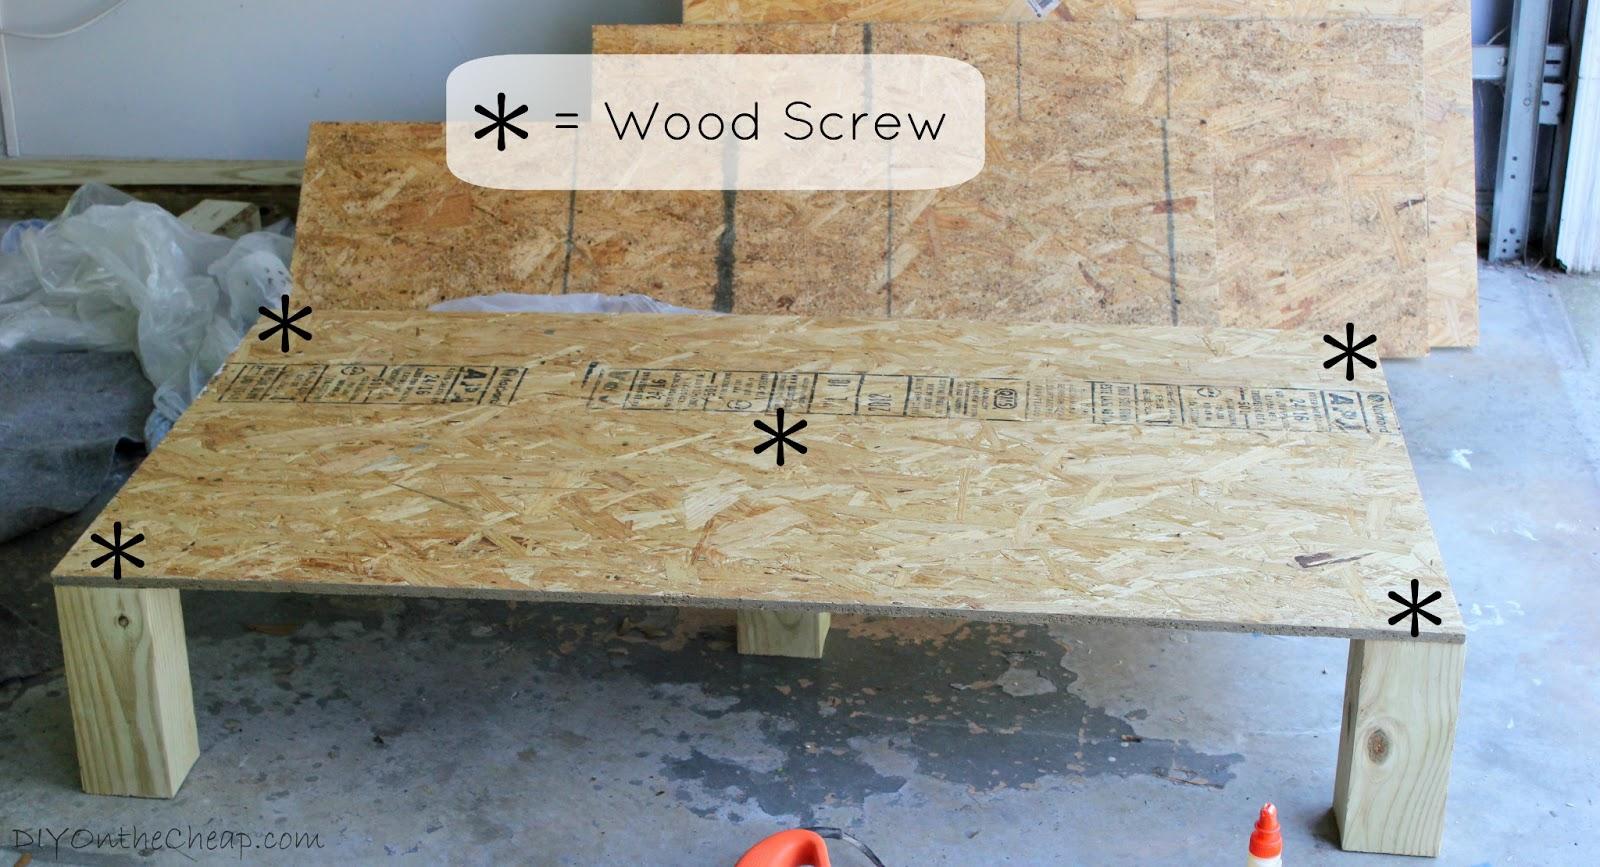 Pdf diy diy twin platform bed plans download diy loft bed for How to build a wood platform